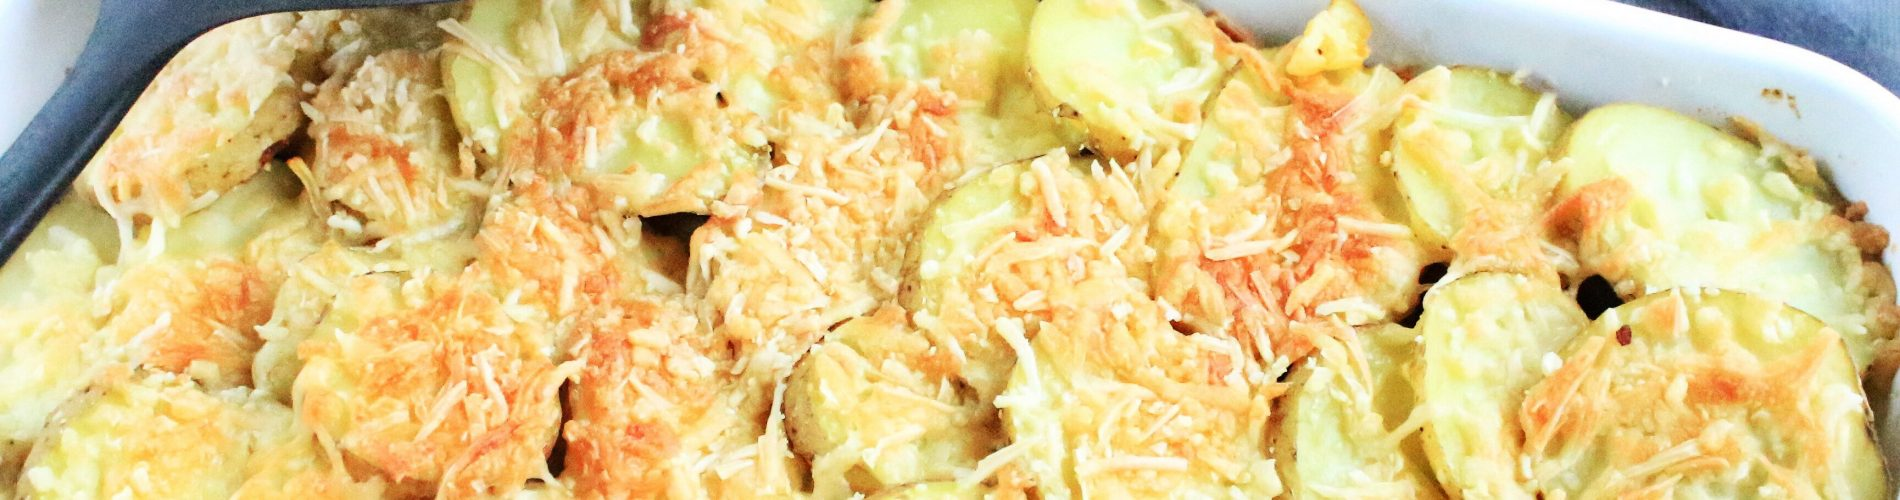 Avondeten | ovenschotel met spruitjes en kipshoarma